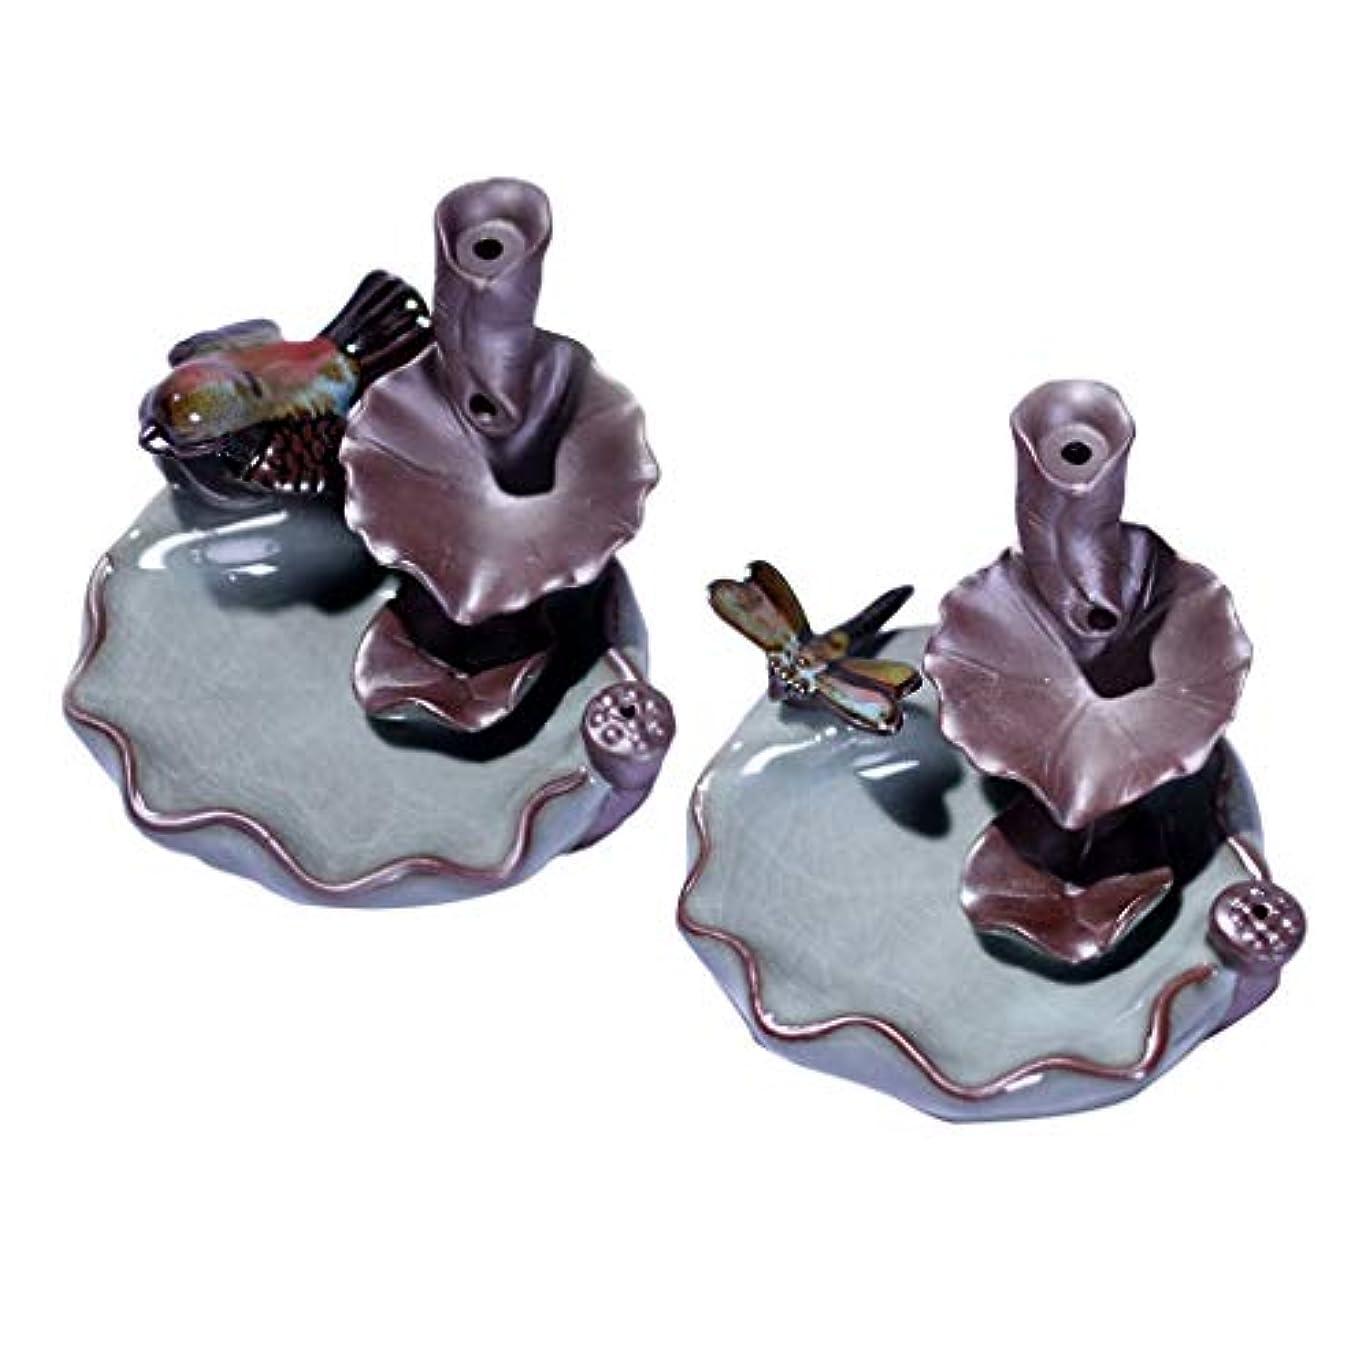 サラミ無人かもしれない香バーナー 香炉 装飾的 仏教 セラミック 香炉 2個